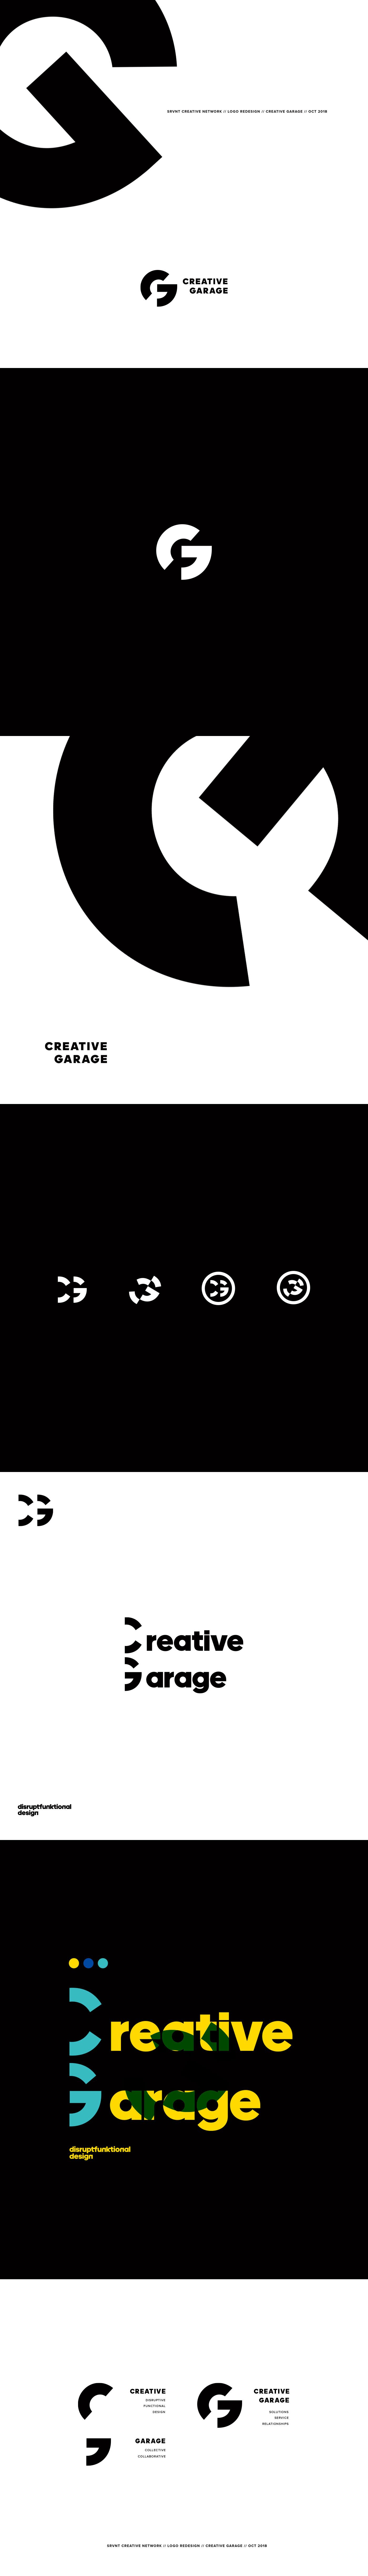 Creative Garage Logo Redesign On Behance